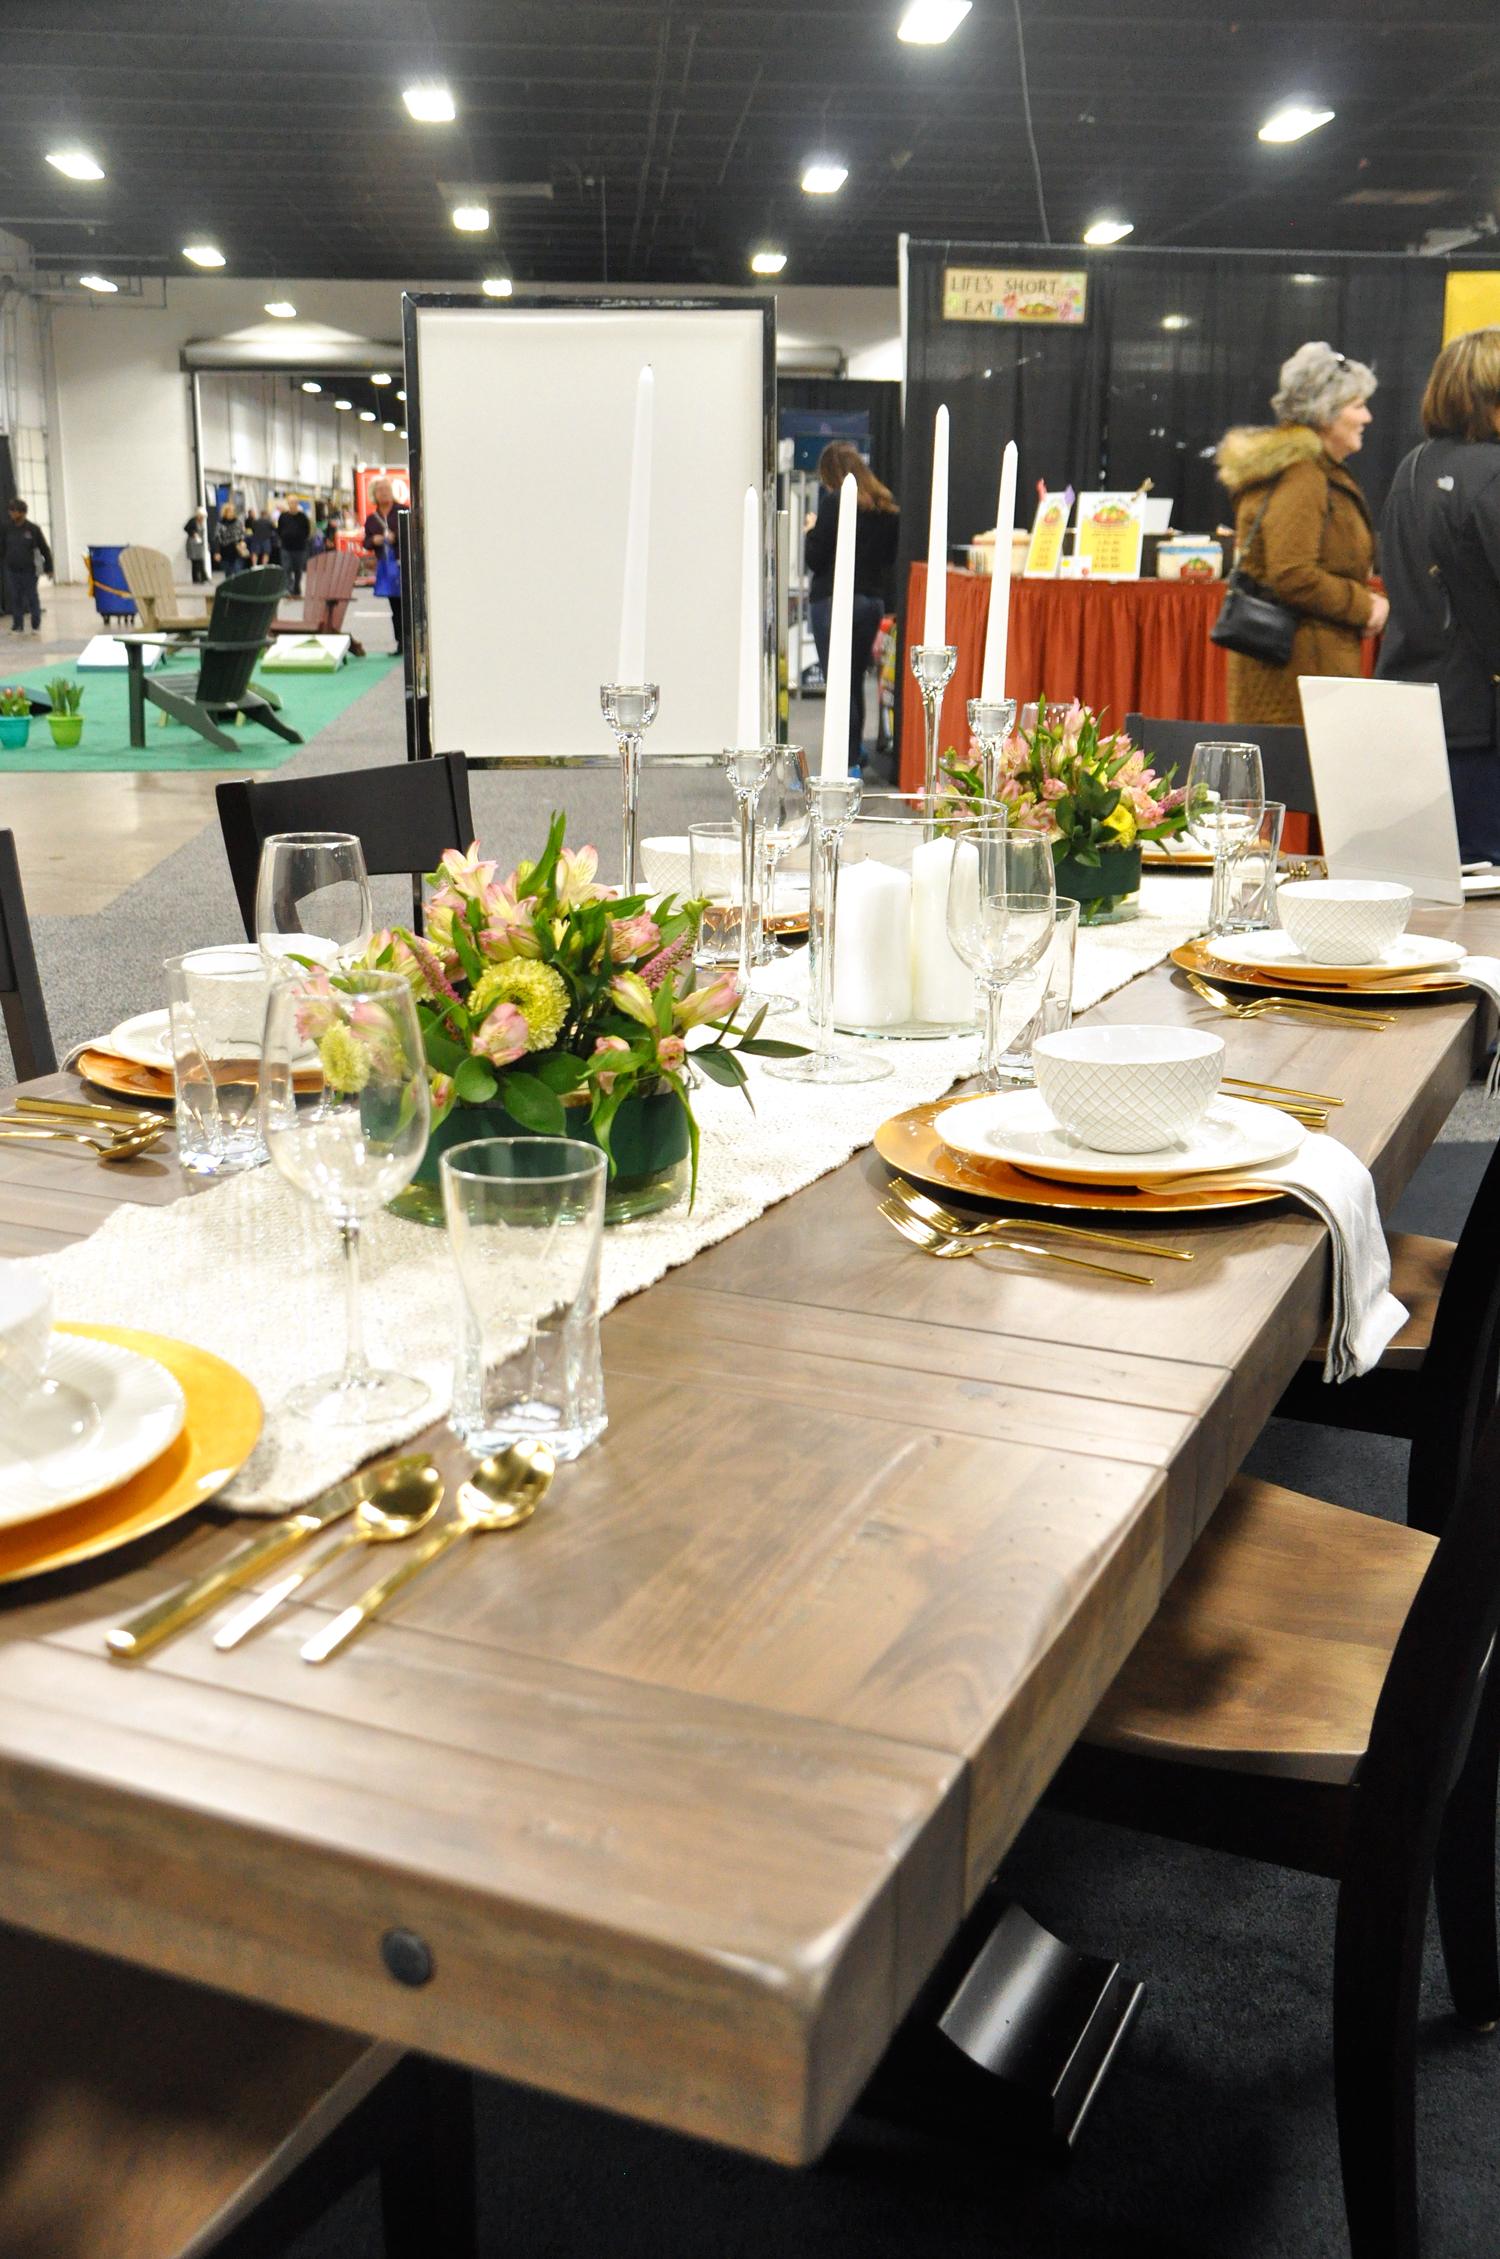 Home-Show-Feminine-Sophisticated-Elegant-Tablescape-Table-Setting-14.jpg